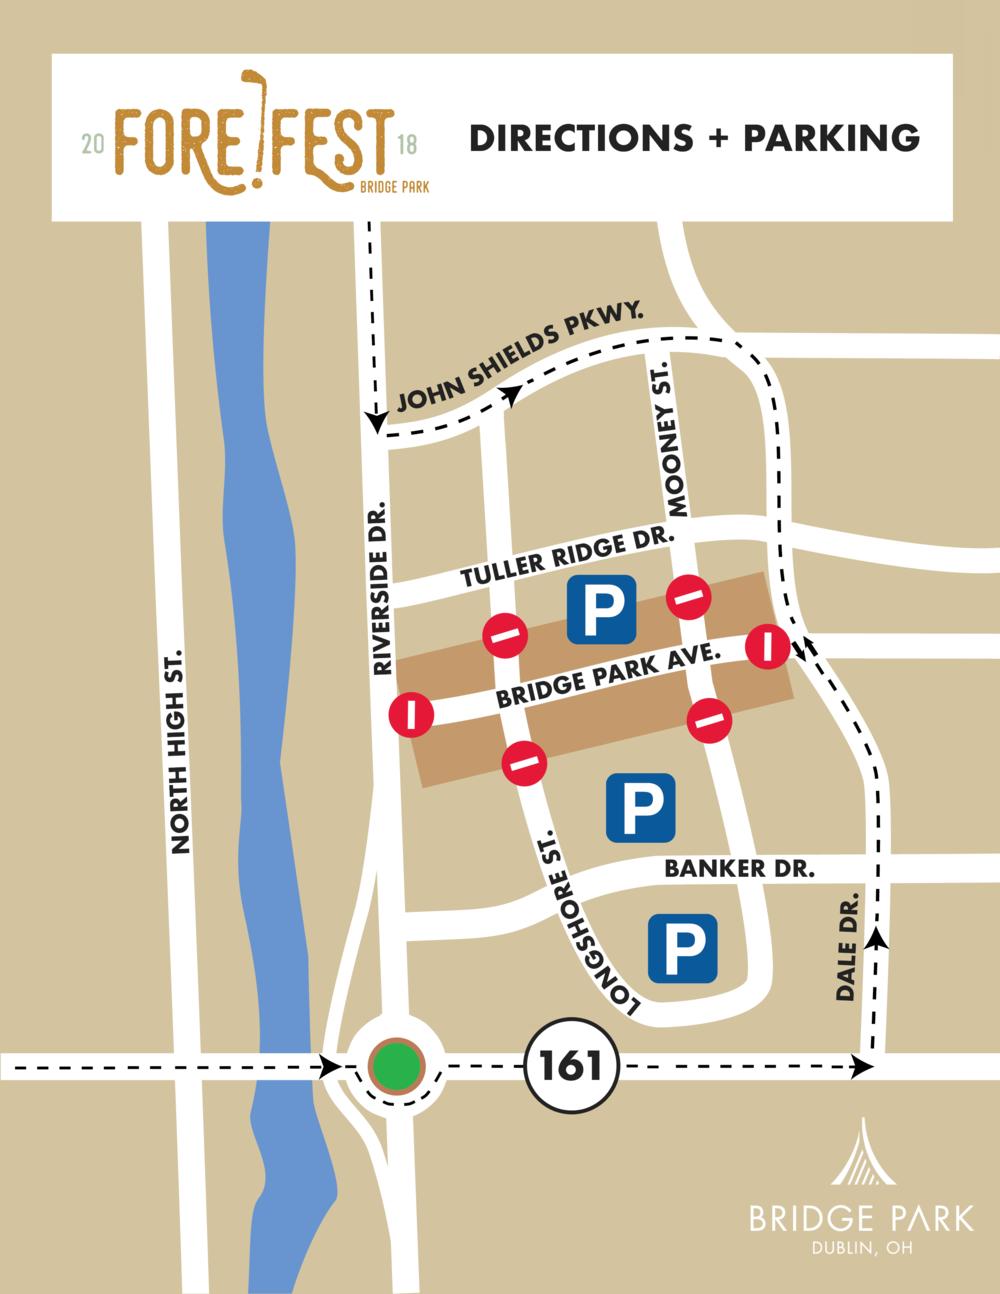 Bridge-Park-Map_Parking-2.png